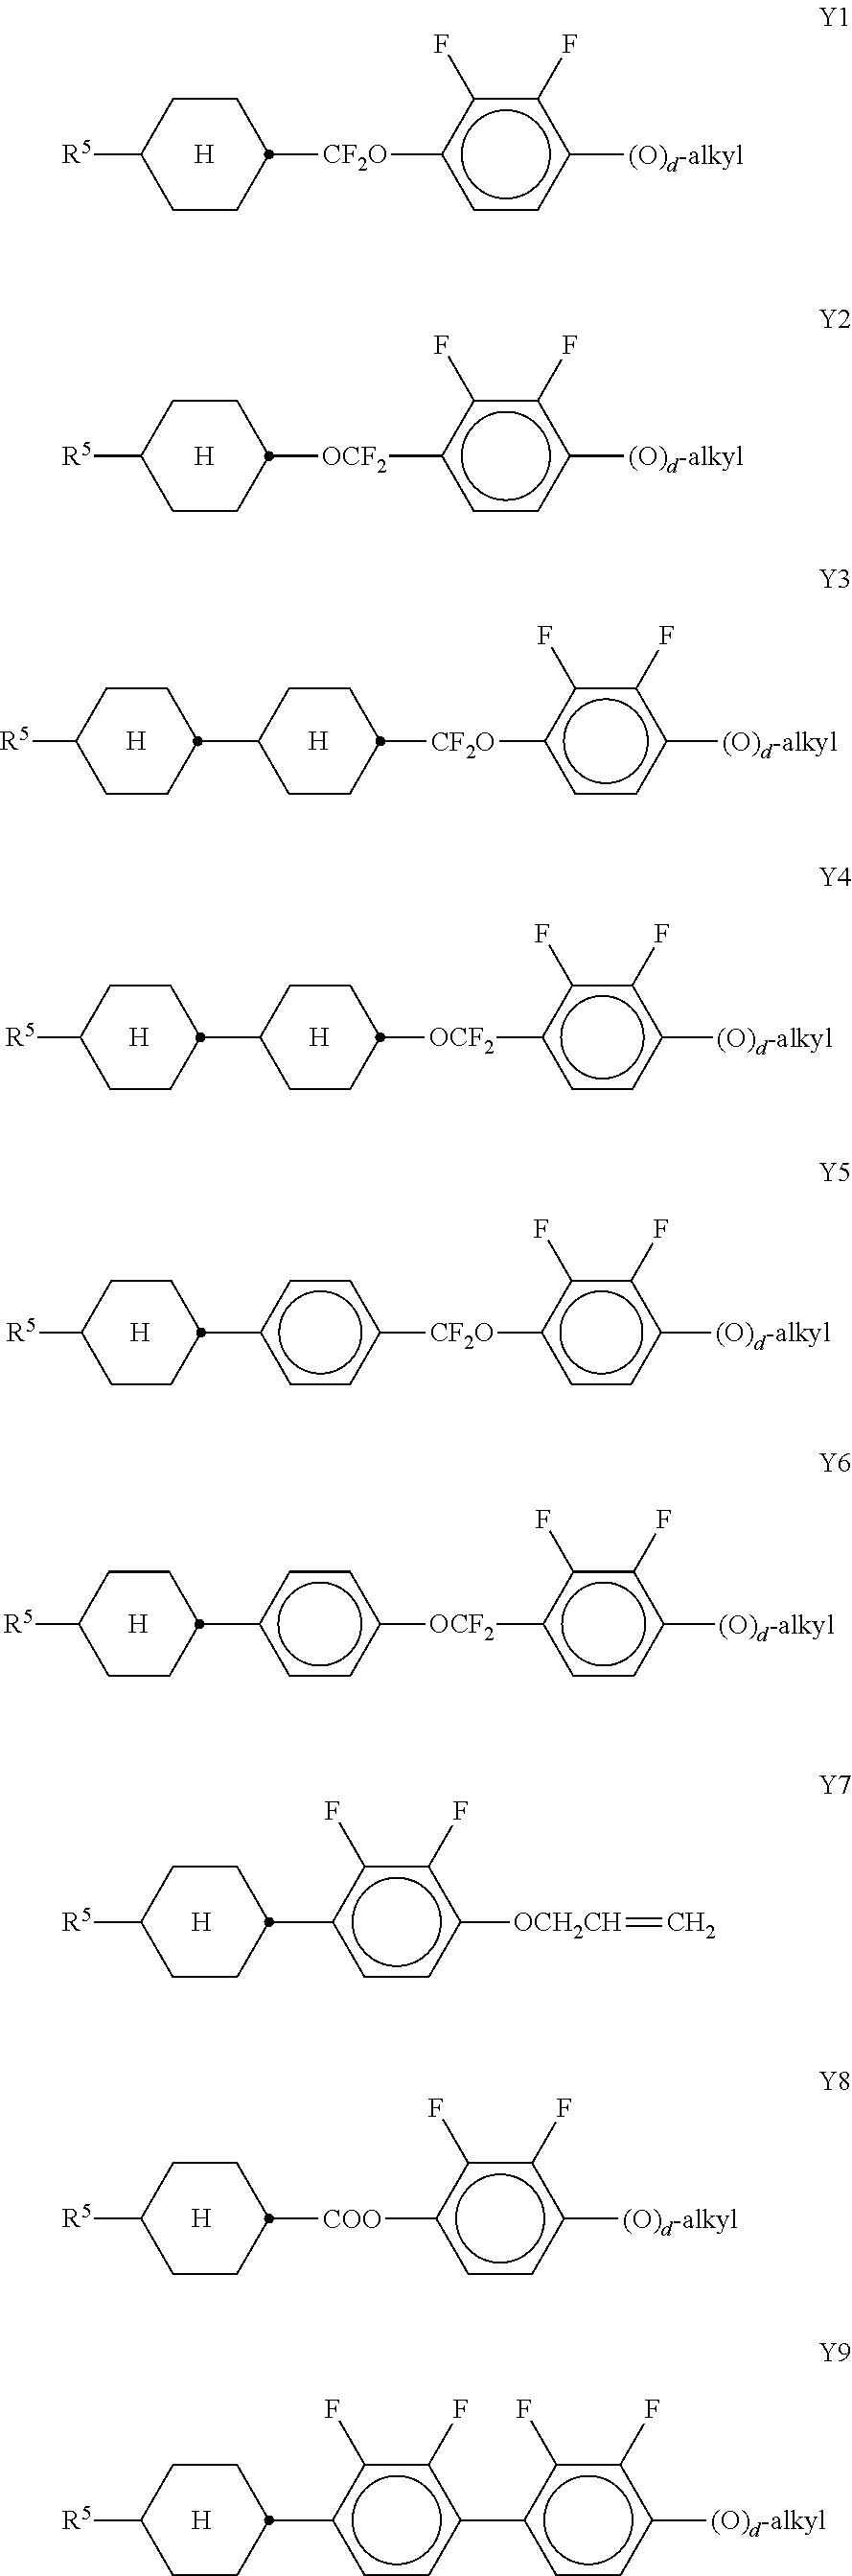 Figure US20110051049A1-20110303-C00033